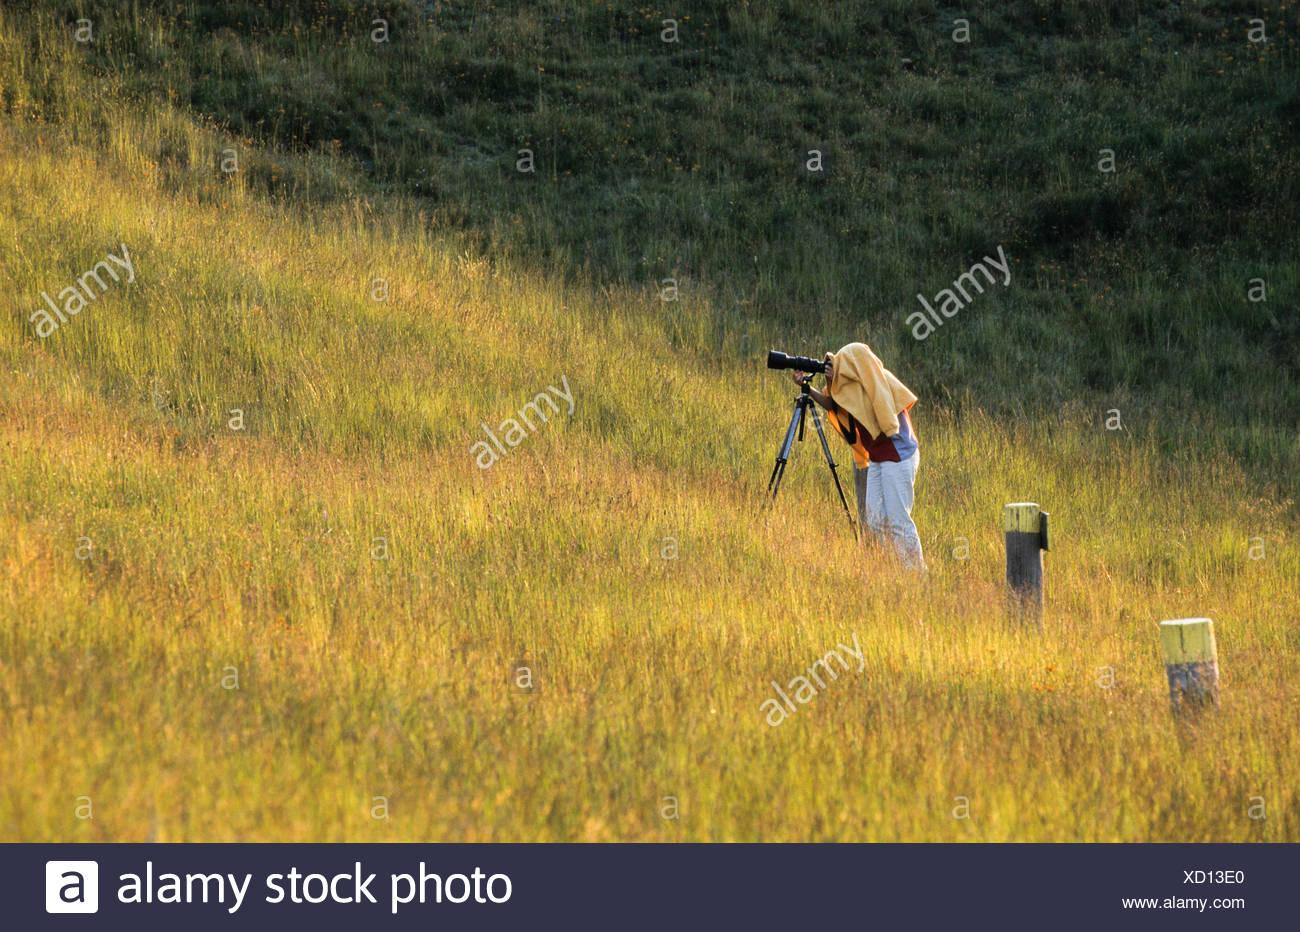 Fotografo con treppiede mirando un teleobiettivo, testa e fotocamera coperti per bloccare la luce Immagini Stock